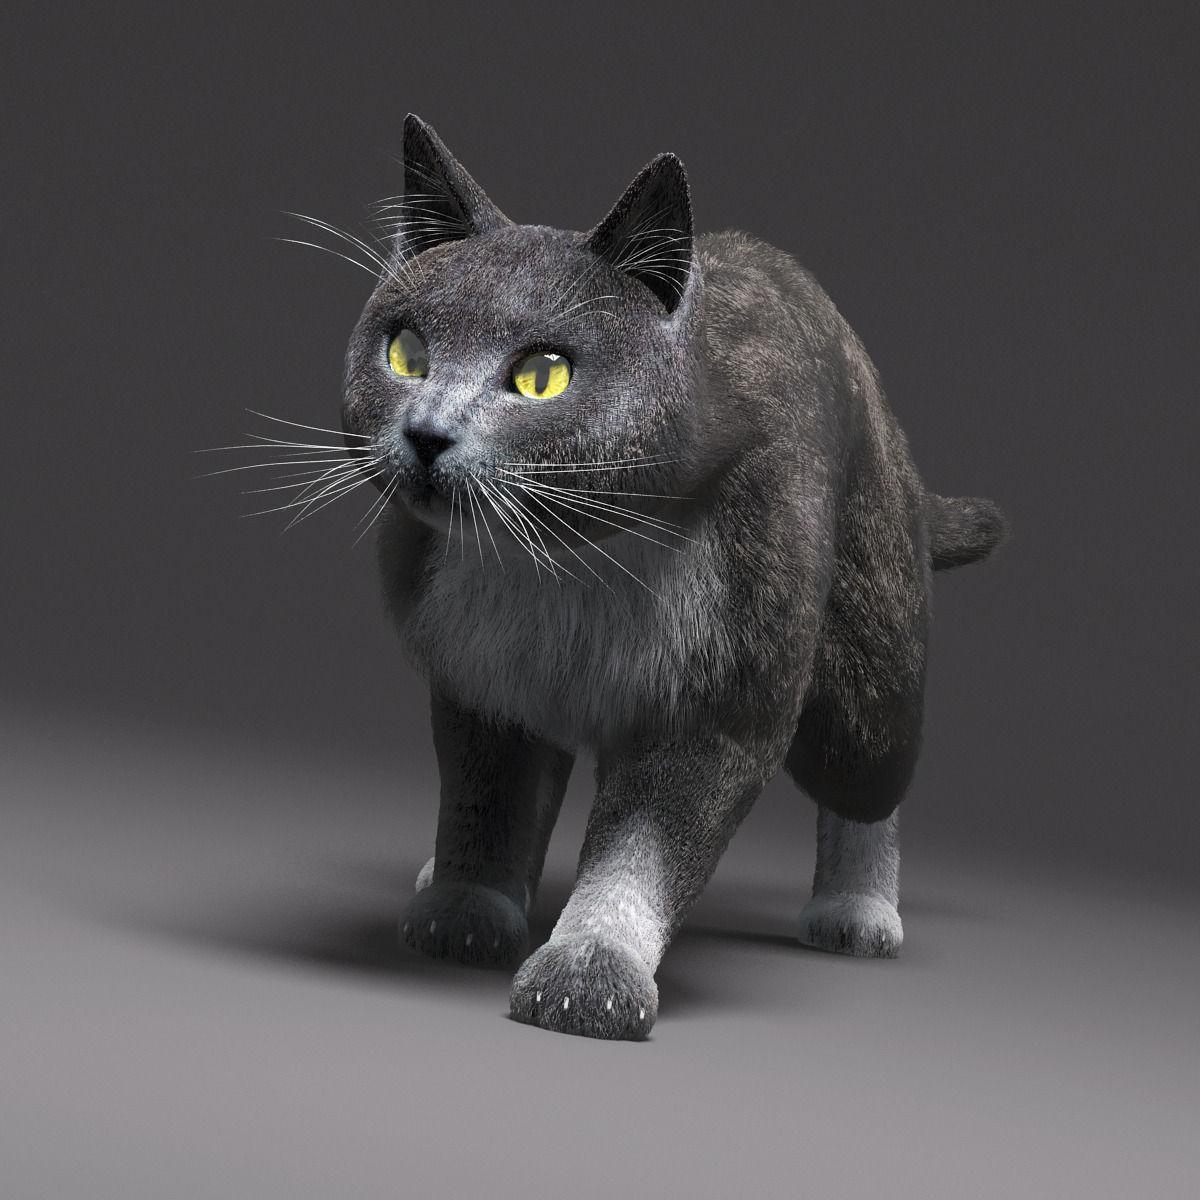 cat not burying poop